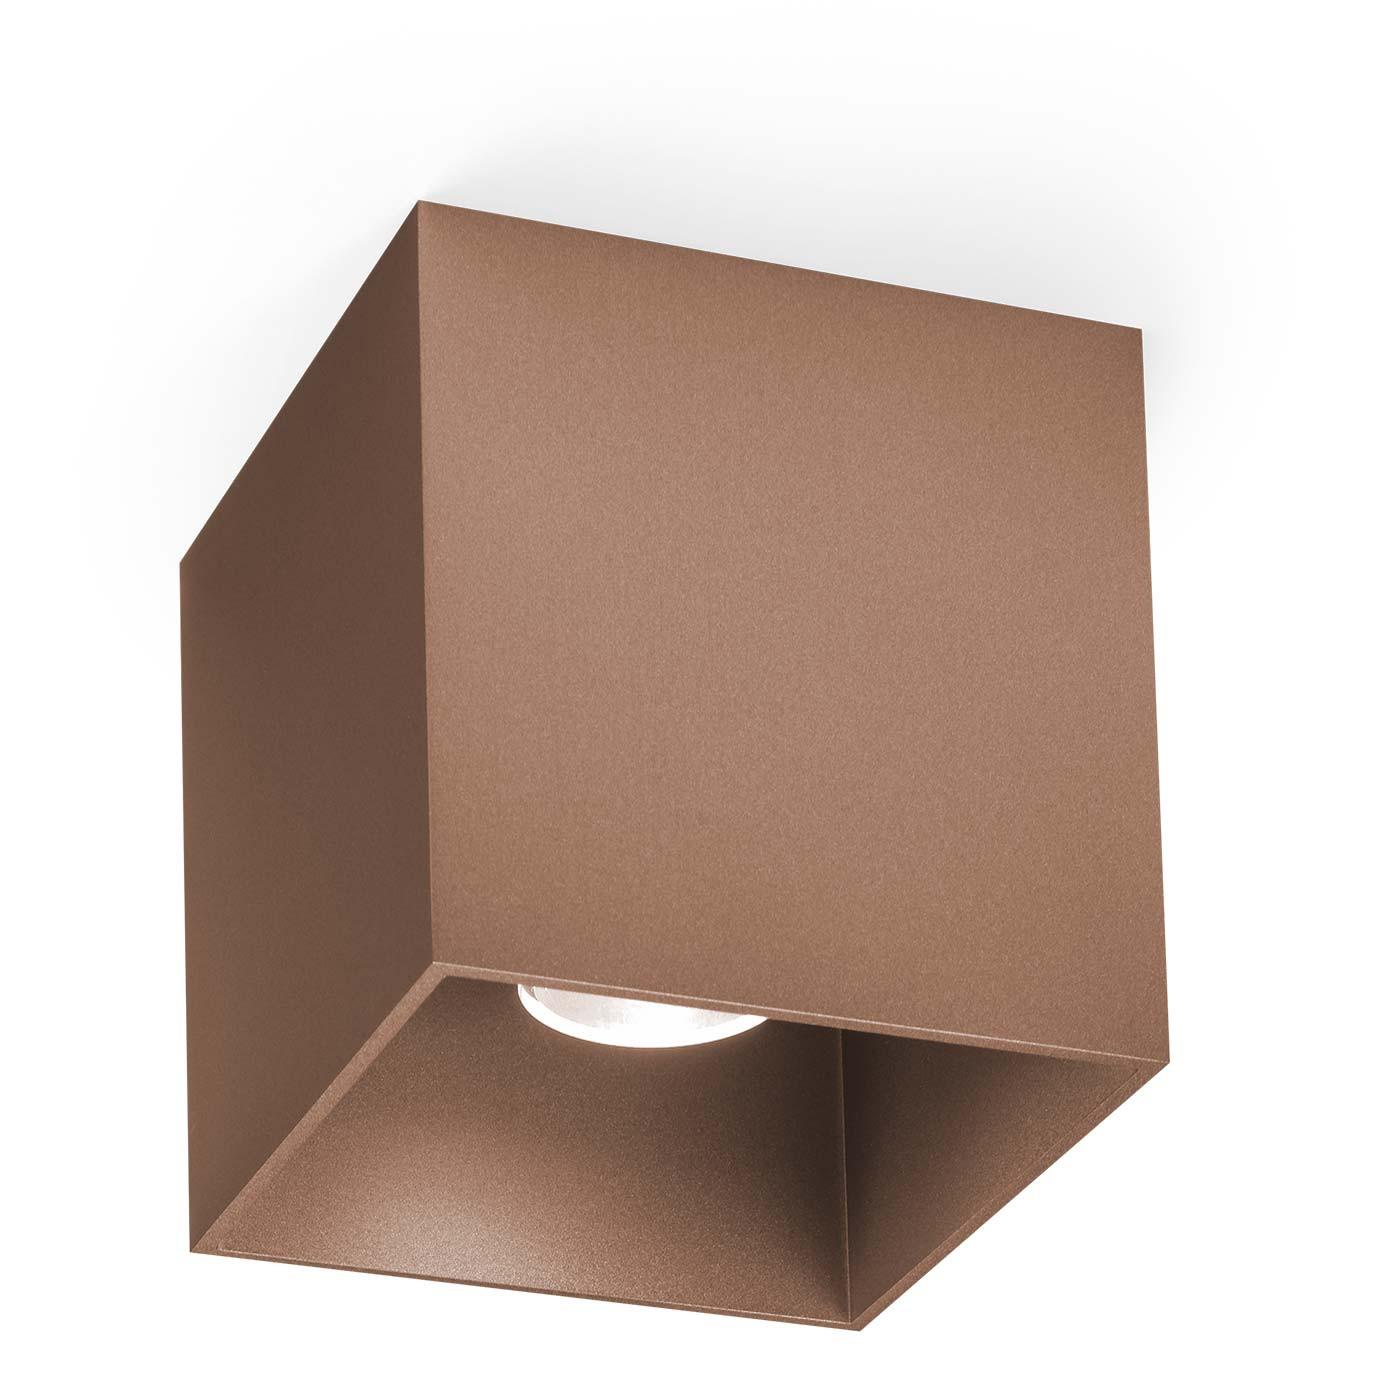 Wever & Ducré Box 1.0 PAR16 Deckenleuchte